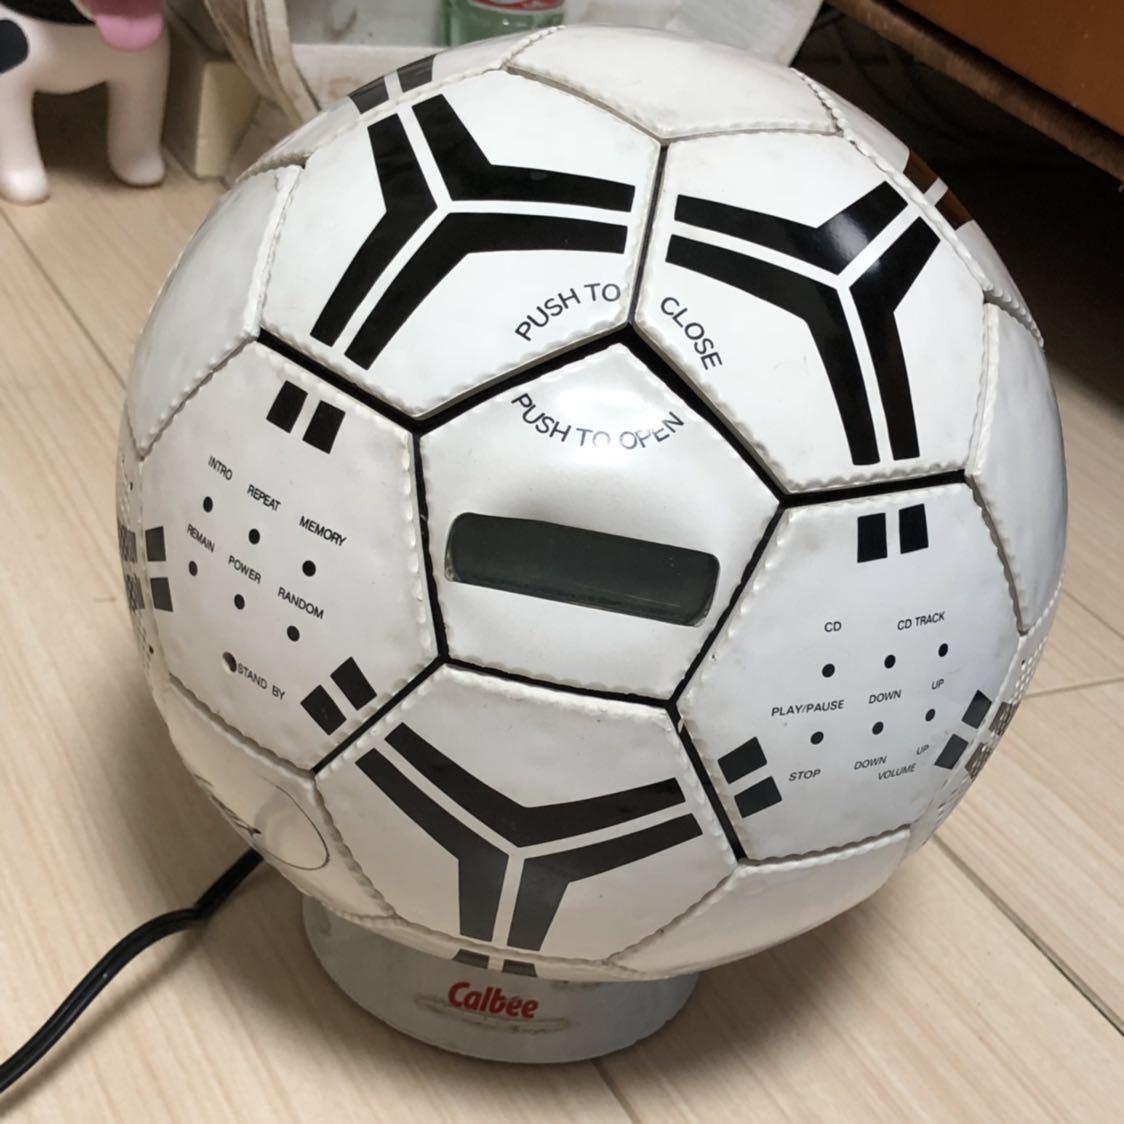 【送料無料】カルビー サッカーボール型CDプレイヤー CDデッキ 限定 非売品 珍品 激レア 希少 オーディオ機器 CDデッキ 中古 動作品